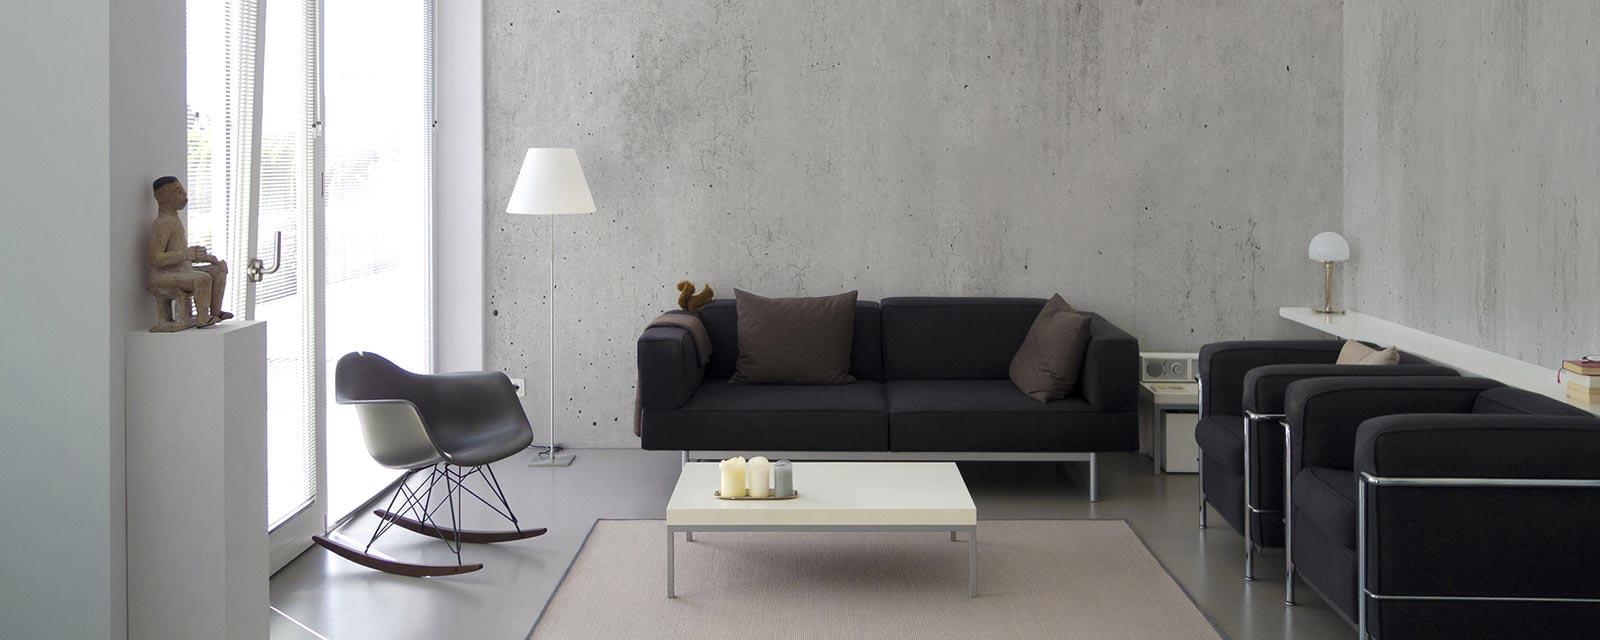 Table En Béton Ciré Et Bois le mur en béton ciré, une solution esthétique et pratique